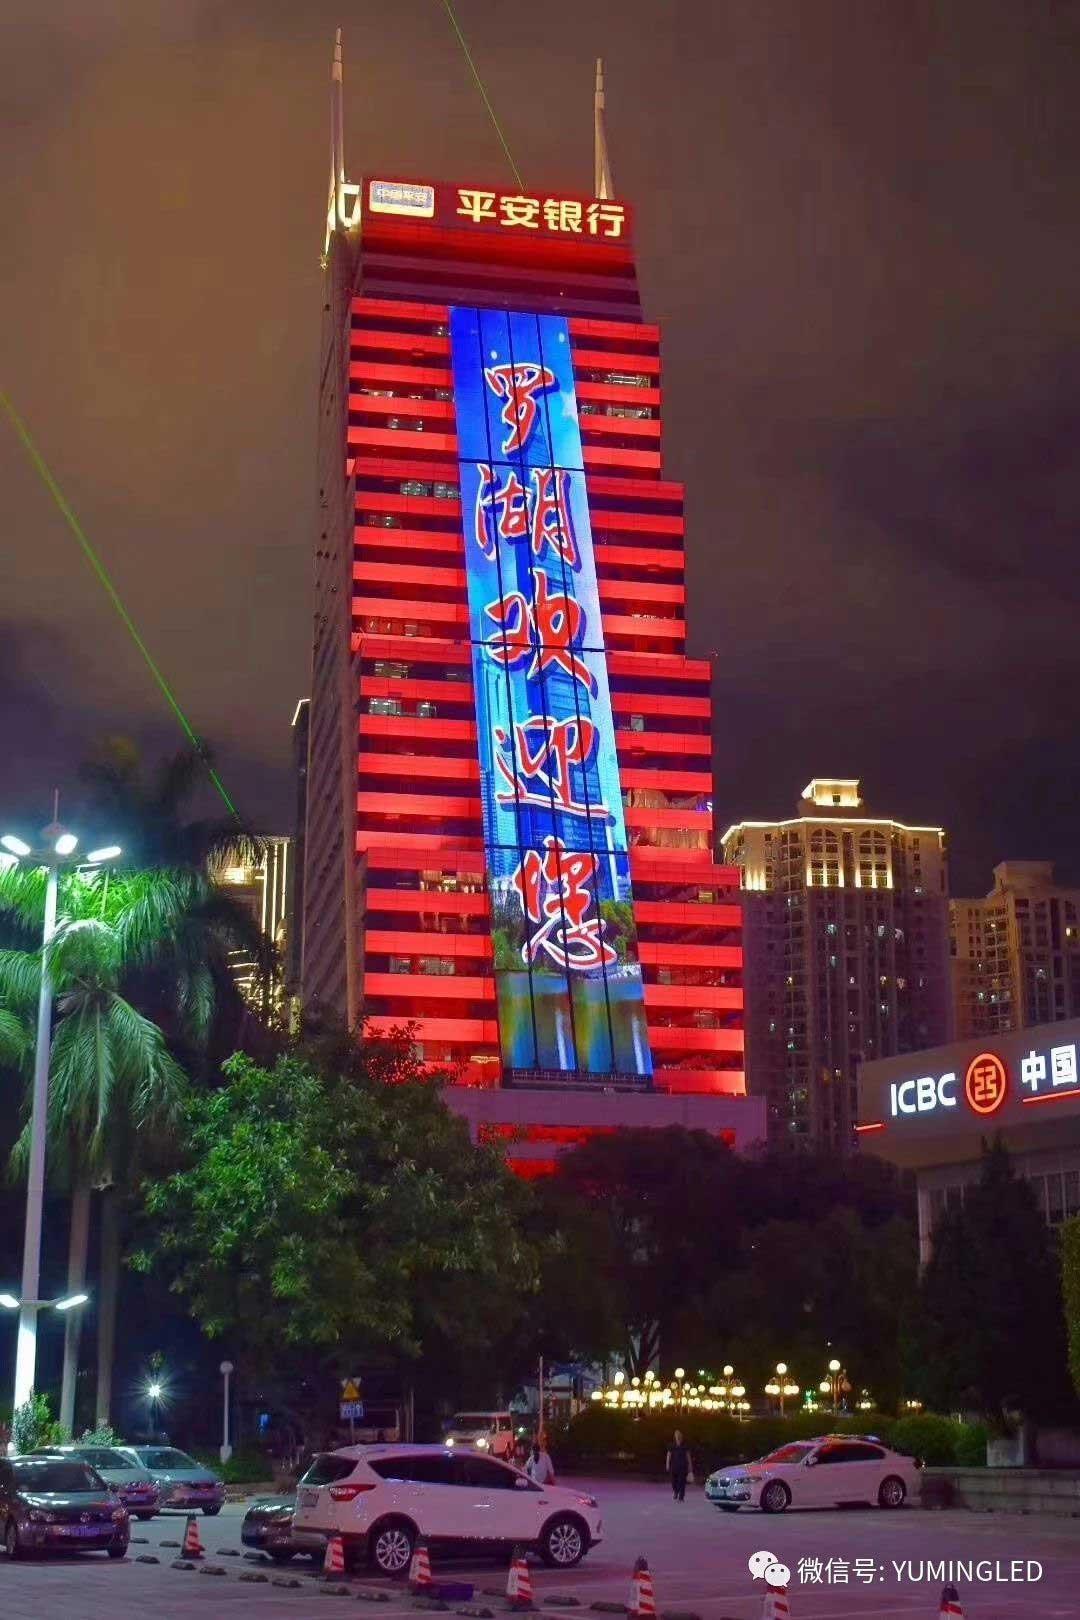 深圳市平安银行地址_深圳平安银行-工程案例-LED灯光控制系统-裕明科技